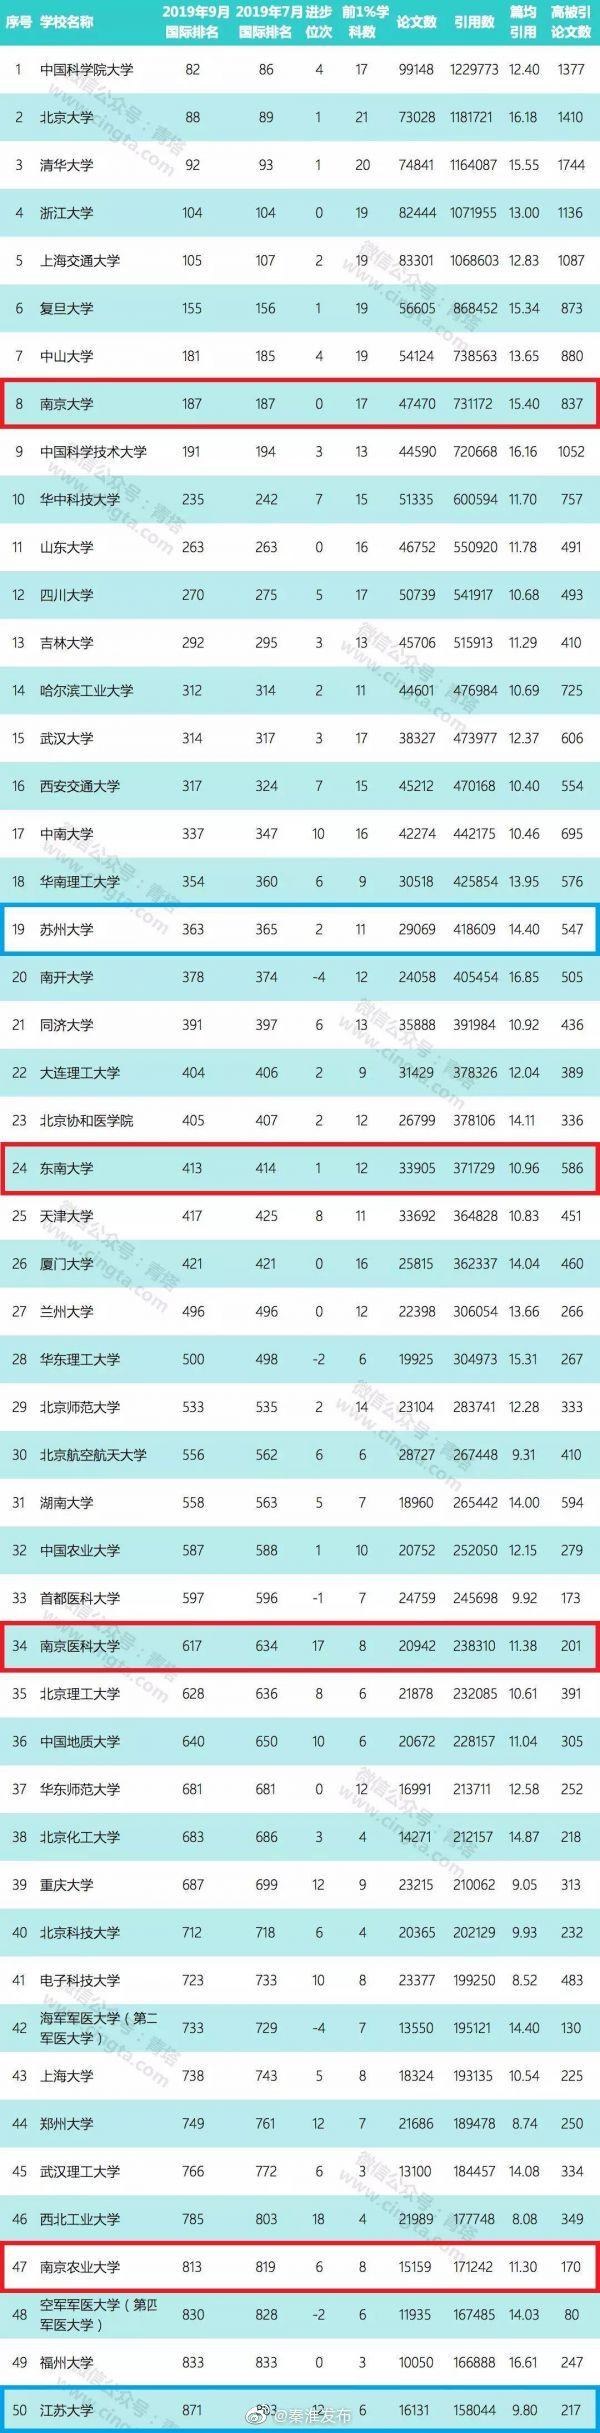 最新ESI中国内地大学百强榜出炉